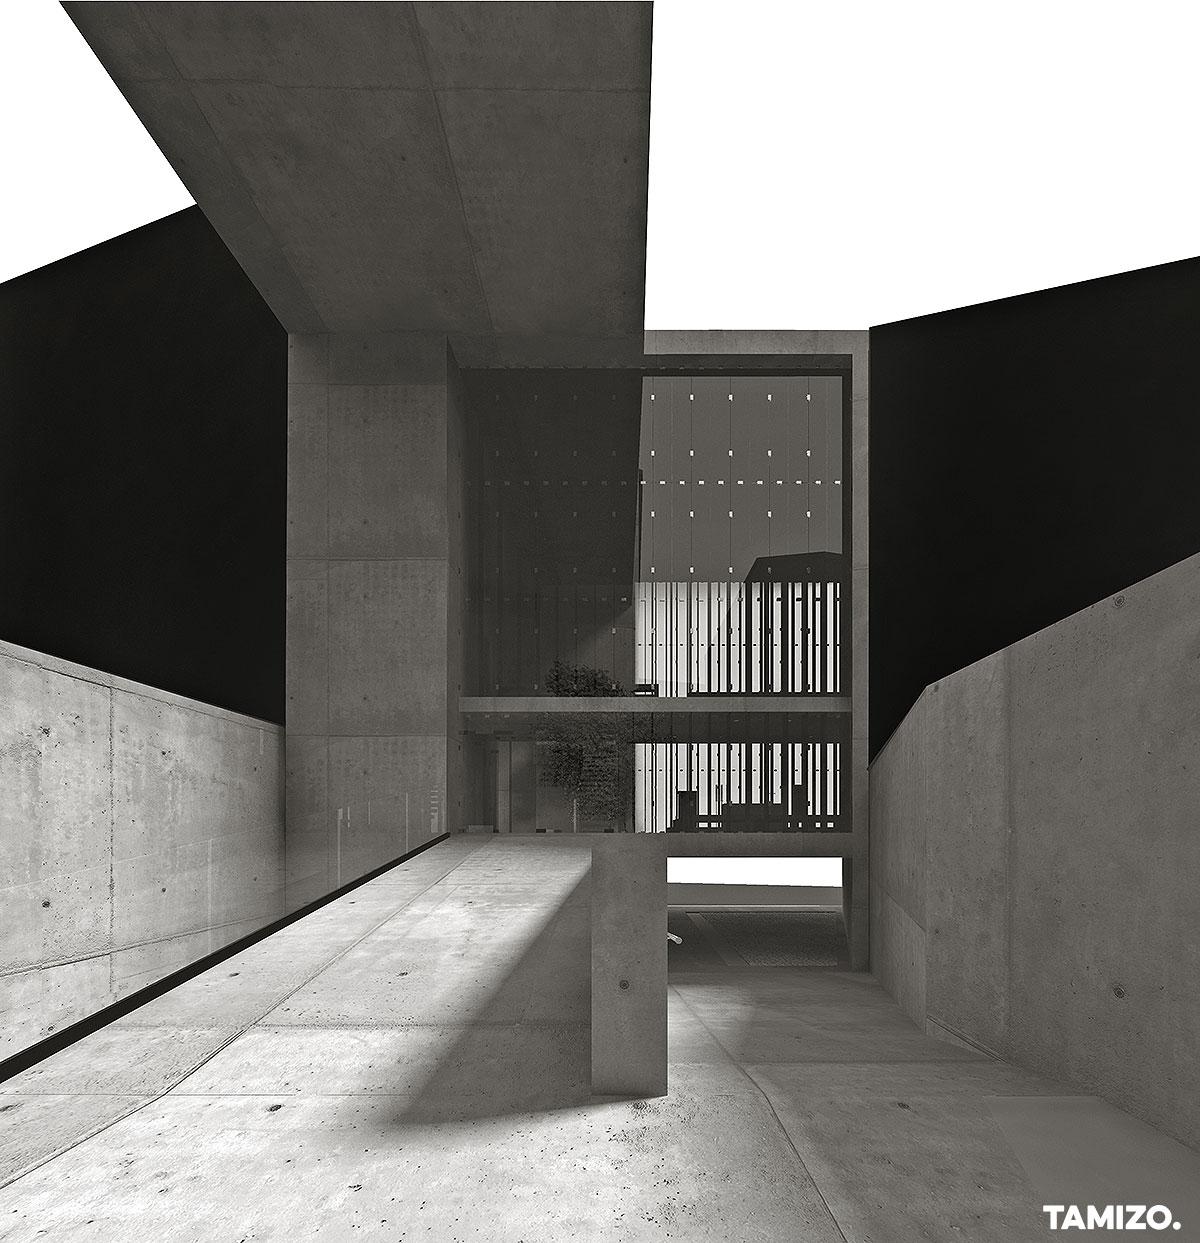 A012_tamizo_architekci_architektura-kosiol-w-miescie-church-projekt-lodz-plomba-zelbet-mateusz-stolarski-14